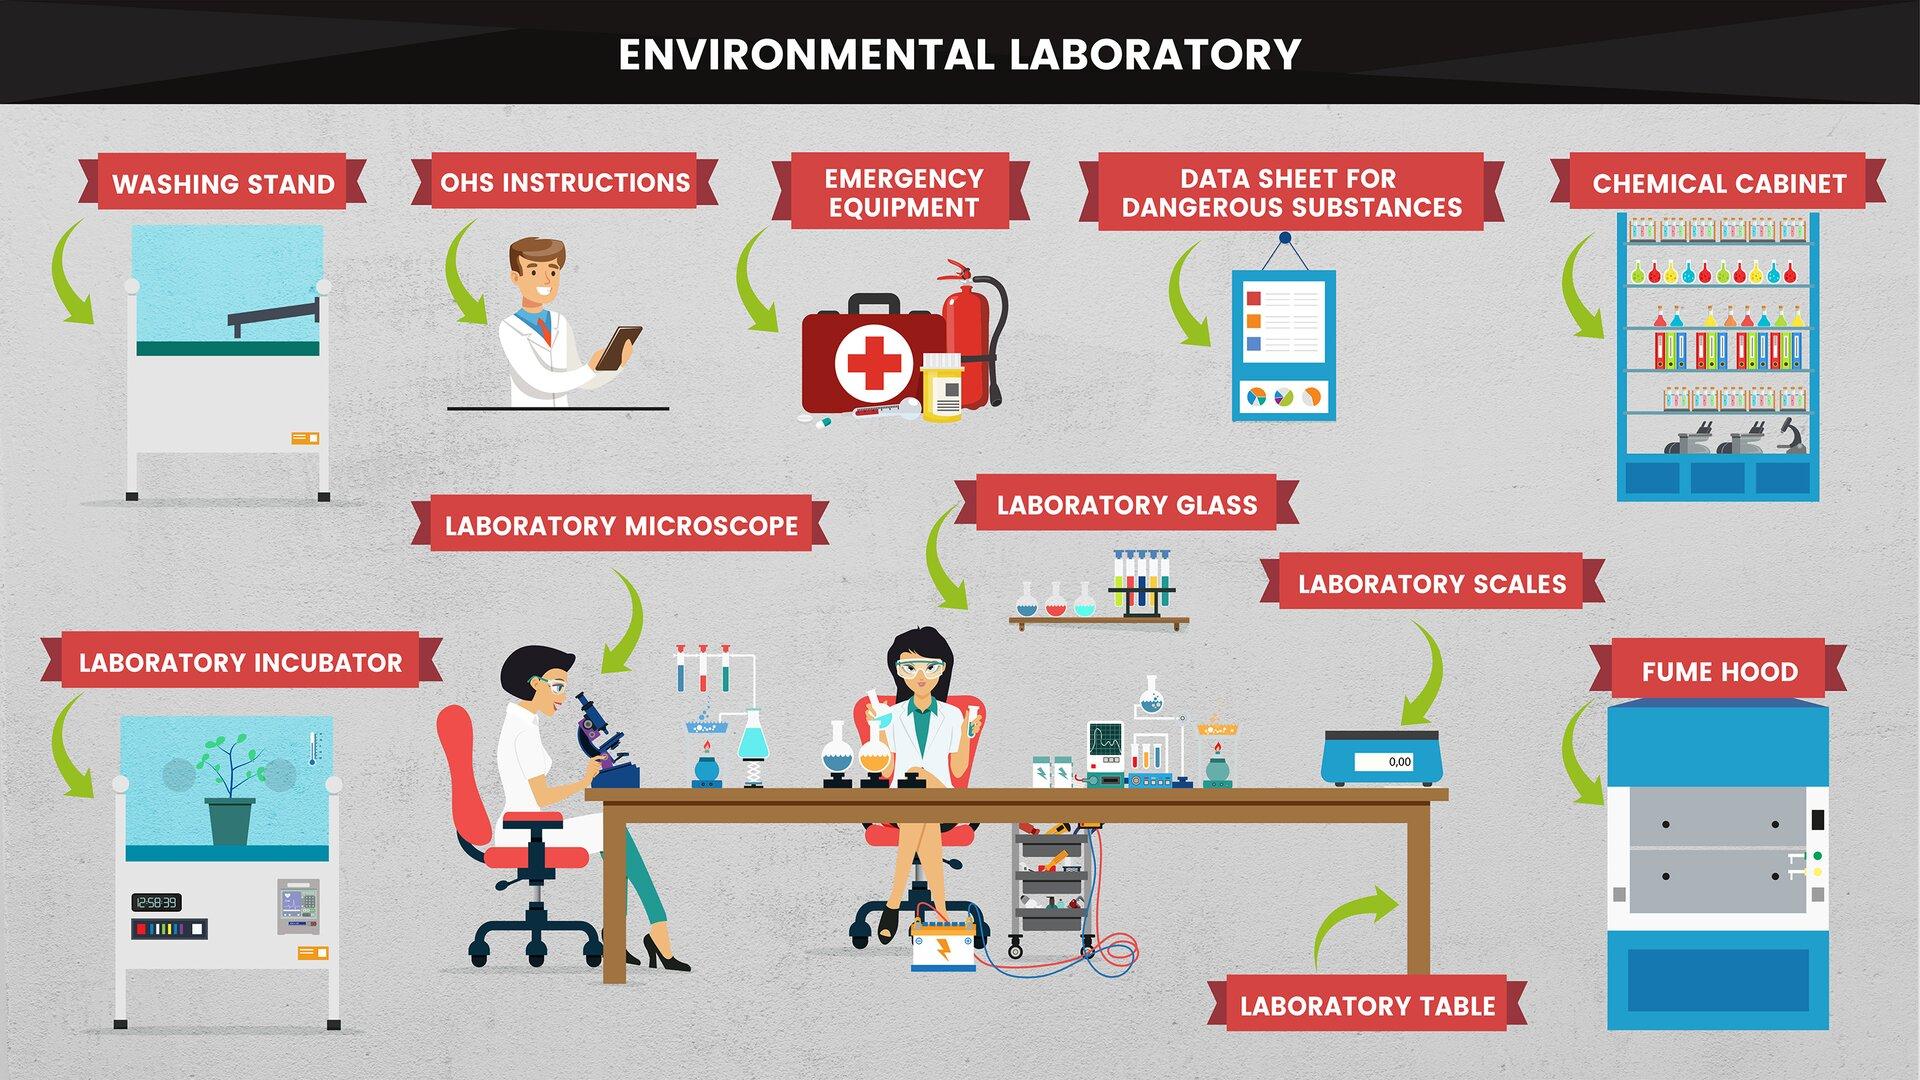 The image presents the basic equipment of an environmental laboratory. Grafika prezentuje podstawowe wyposażenie laboratorium środowiskowego.